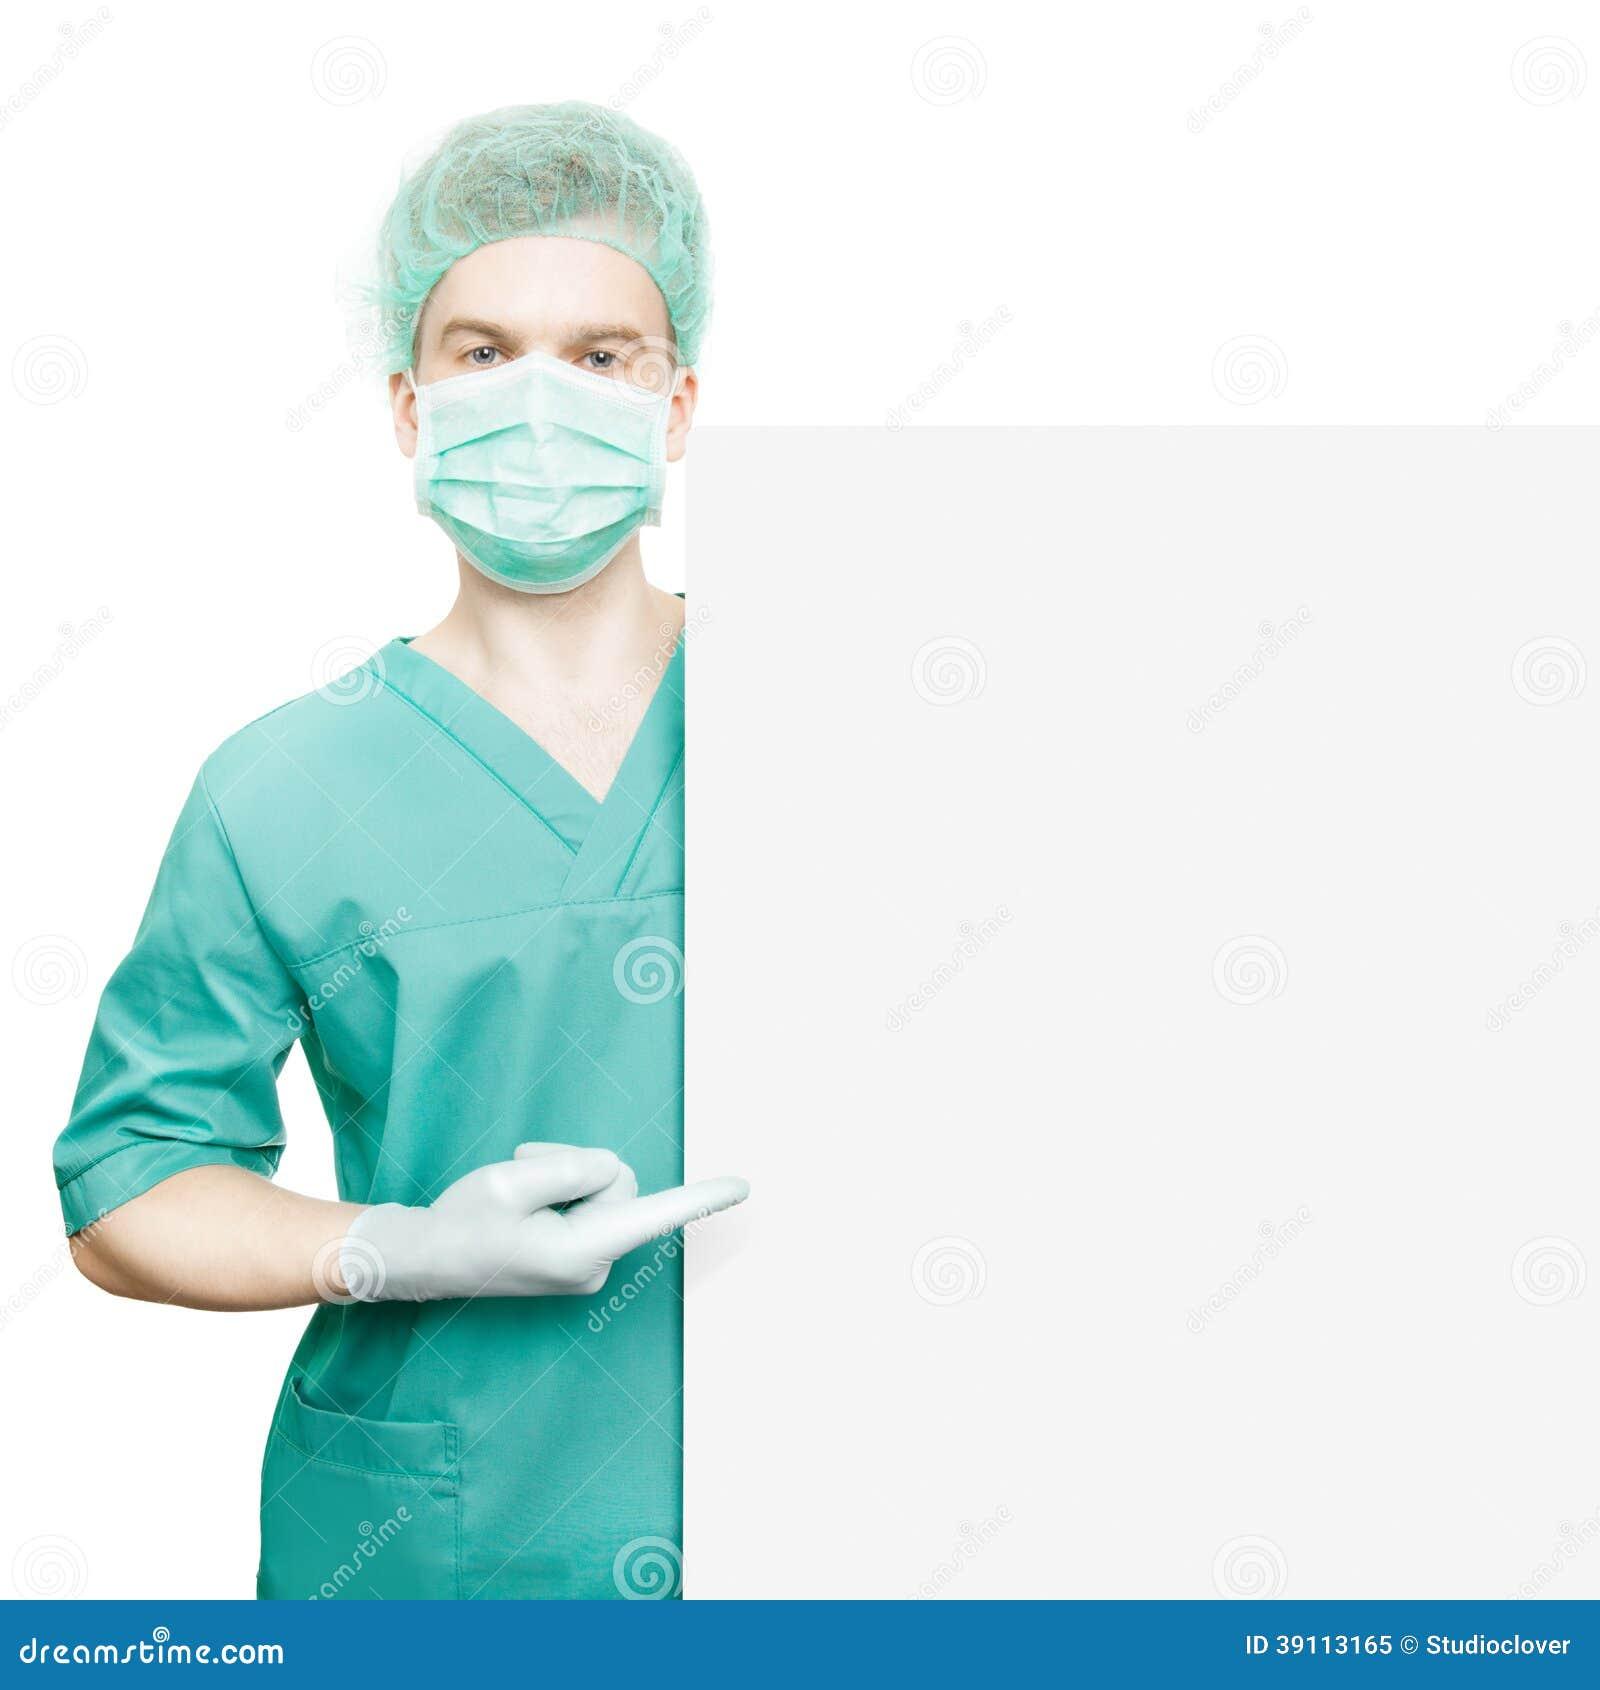 Geneeskunde en gezondheidszorg - 1 tot 1 verhouding beeld